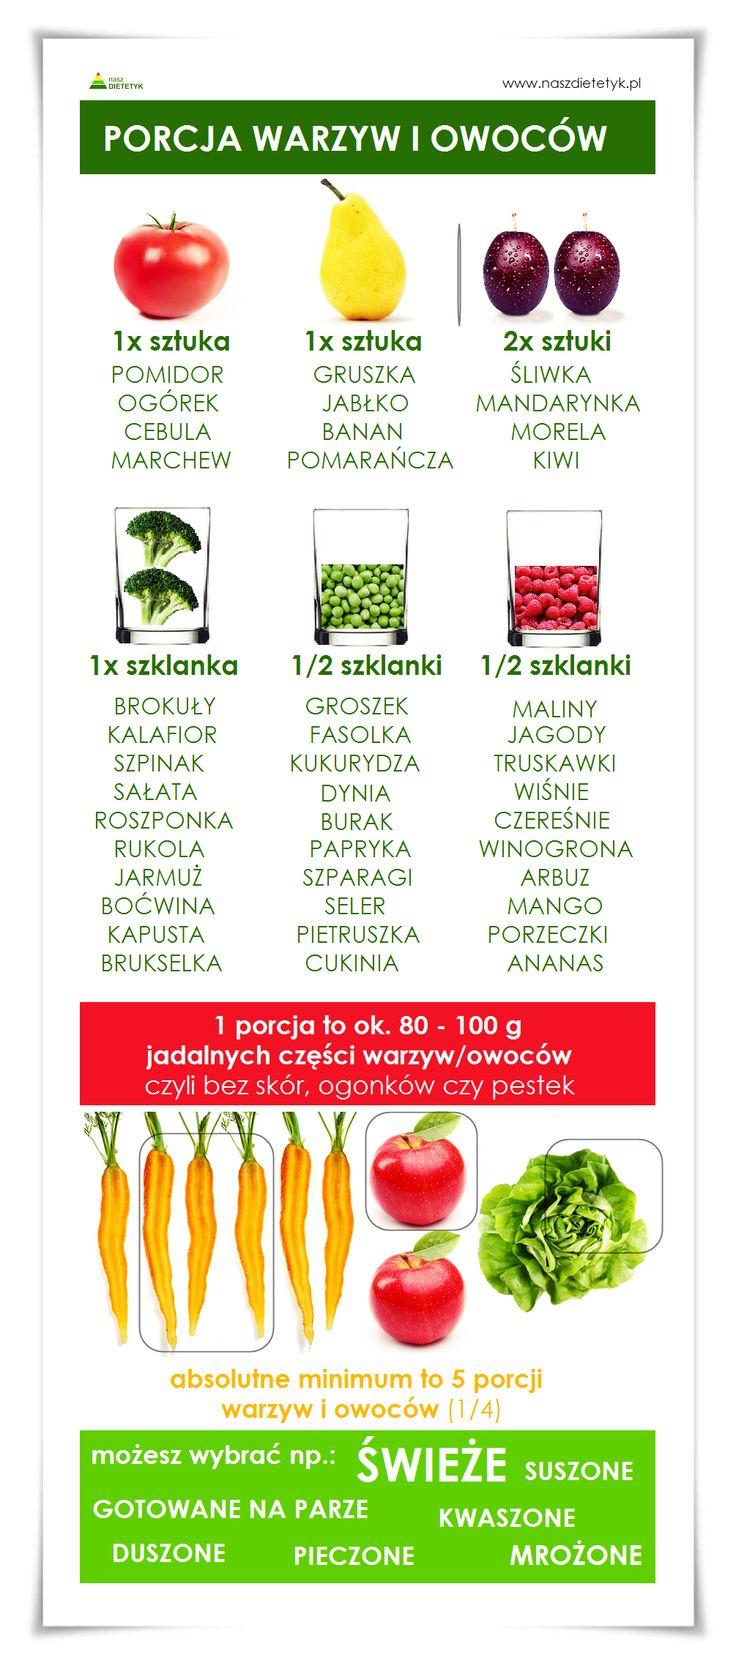 porcja warzyw i owoców